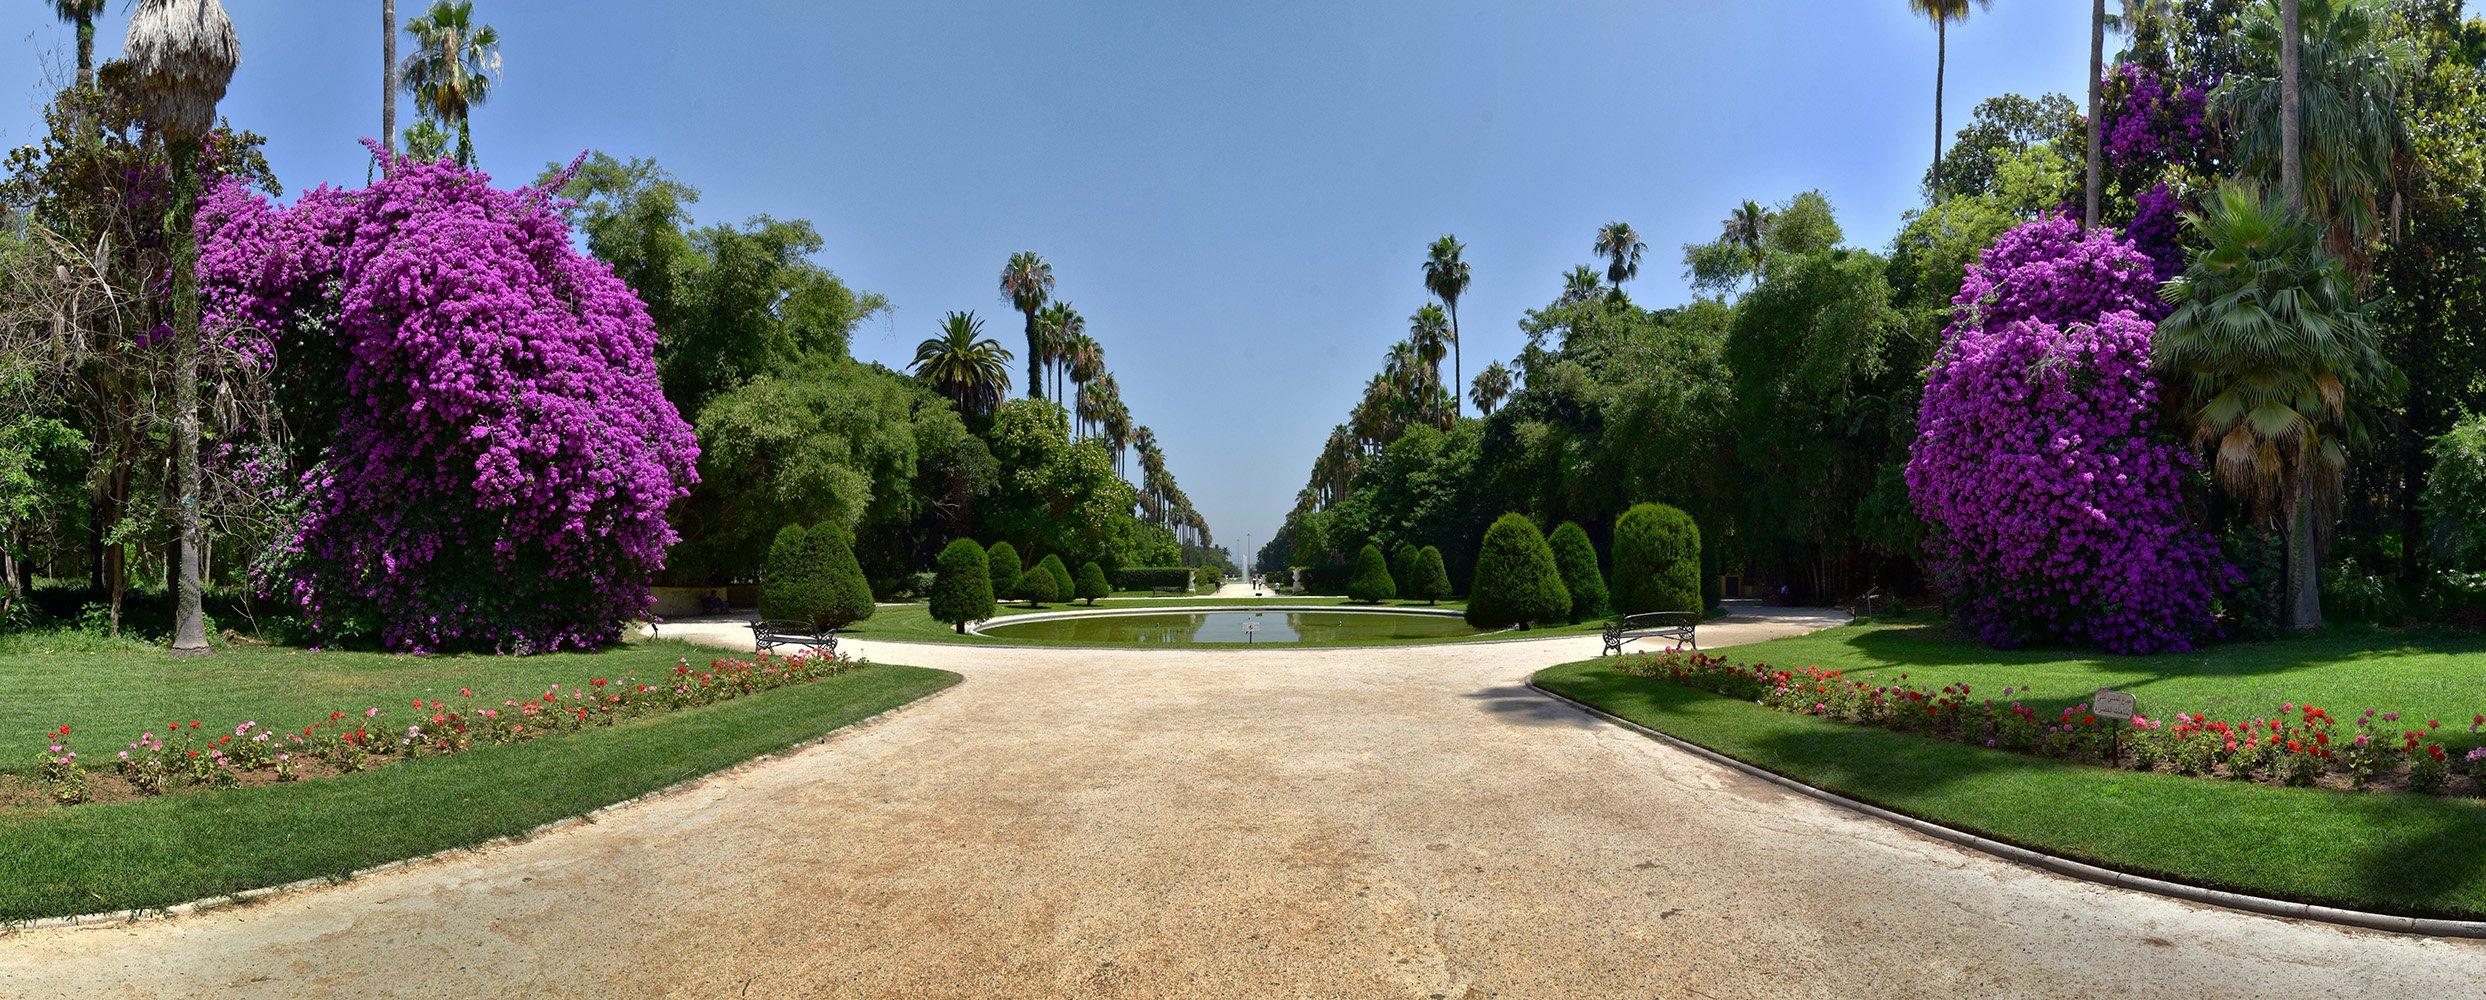 ثالث أكبر حديقة بالعالم..عربية تسلق طرزان أغصانها